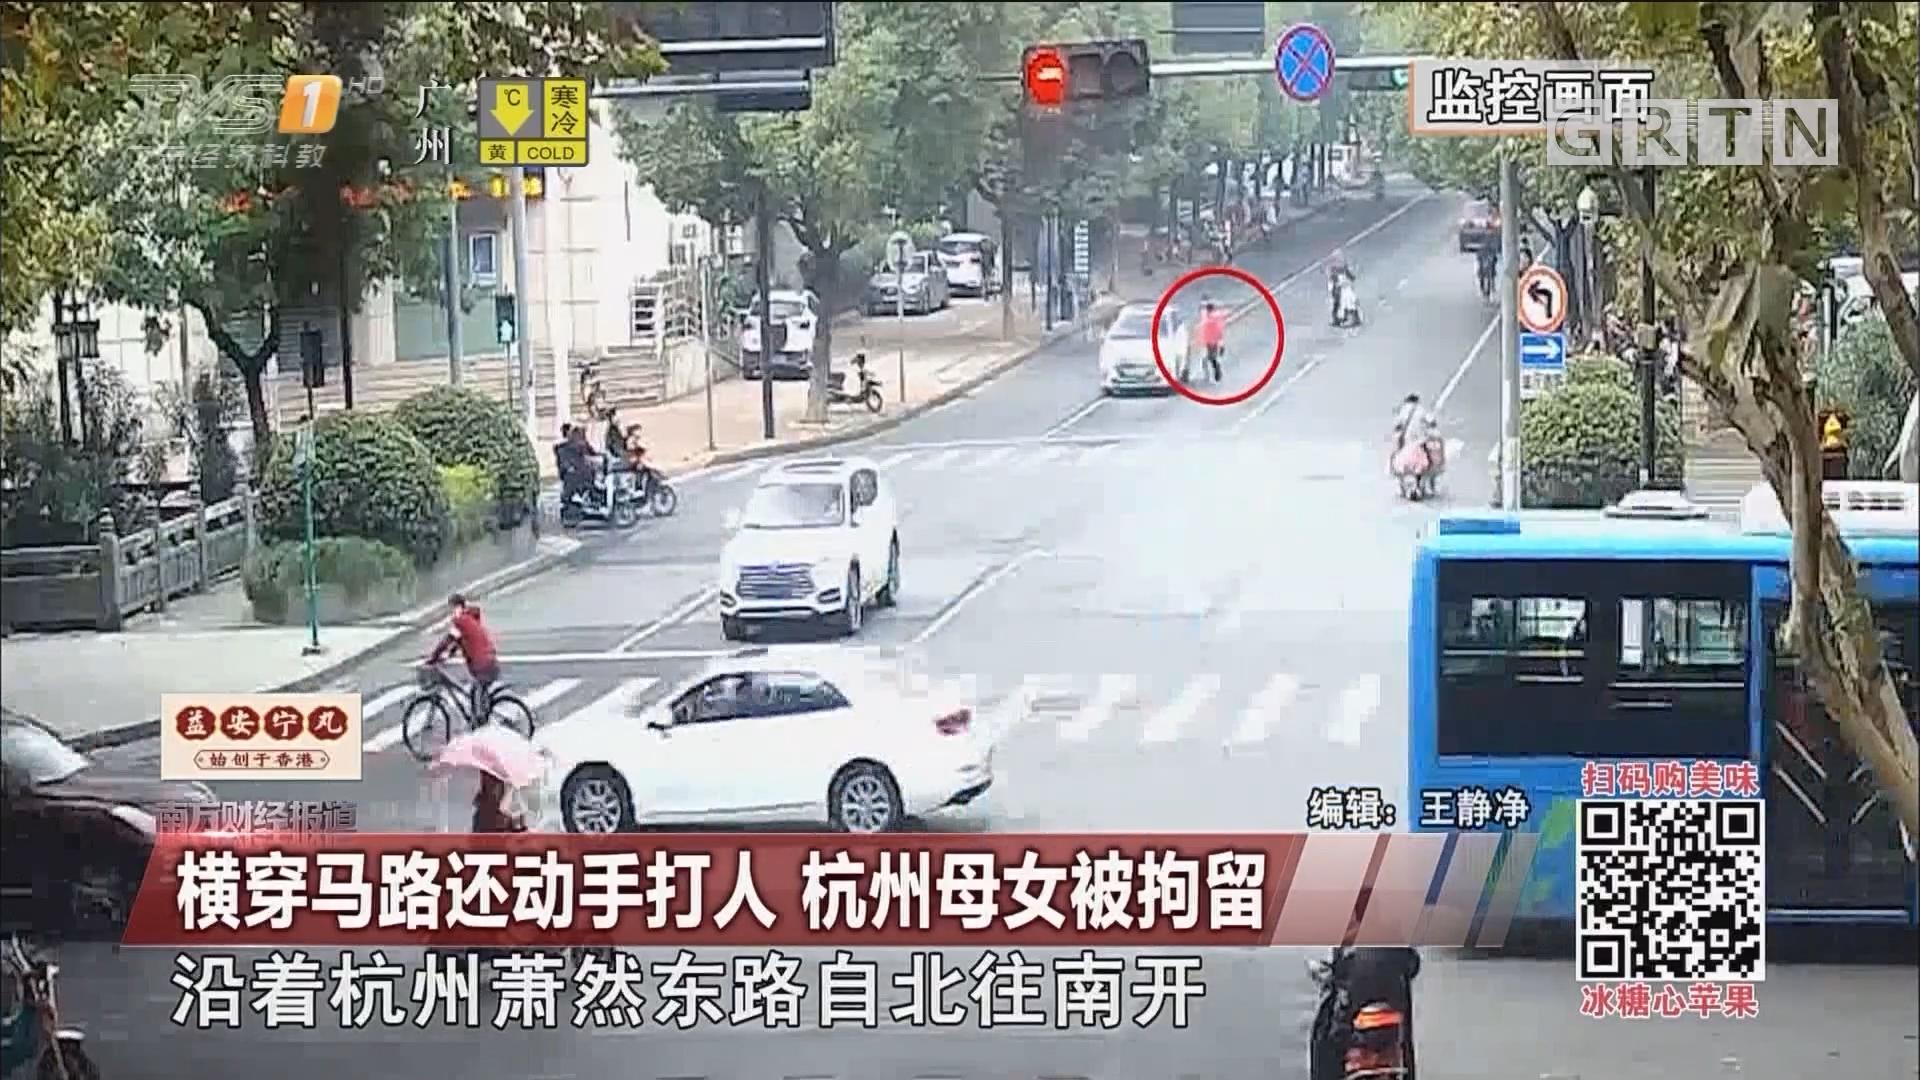 横穿马路还动手打人 杭州母女被拘留